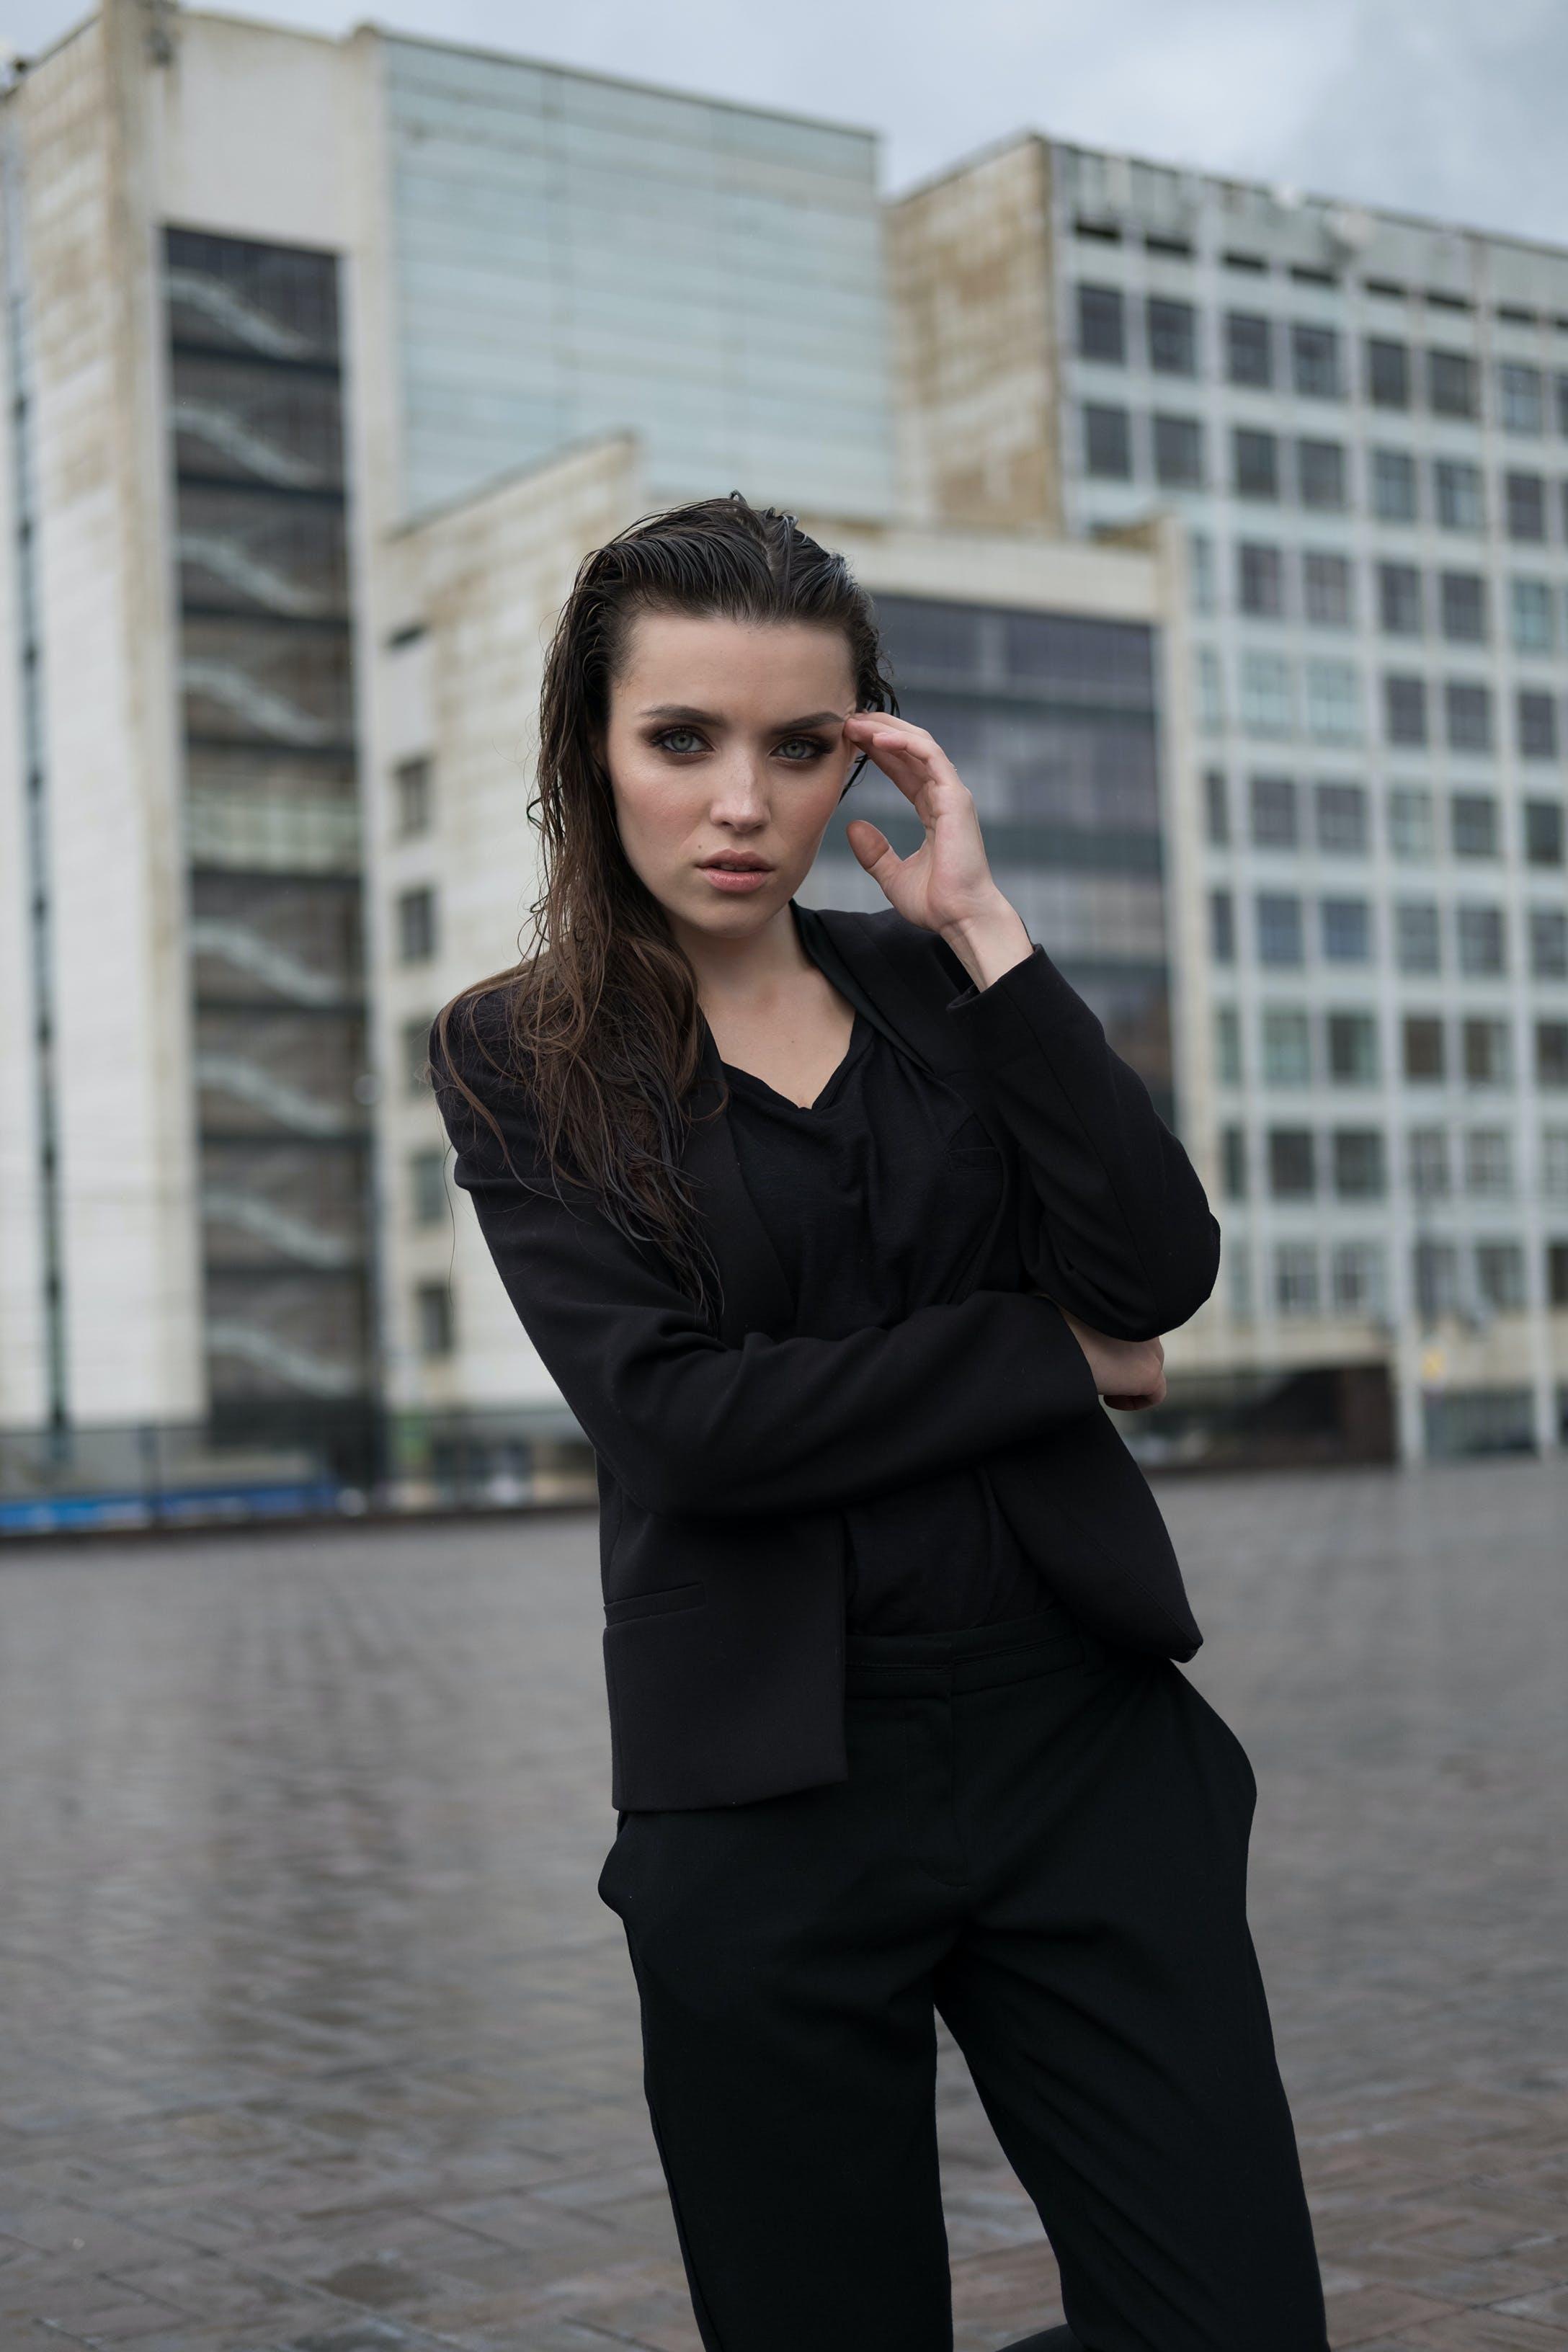 Woman Wearing Black Clothing